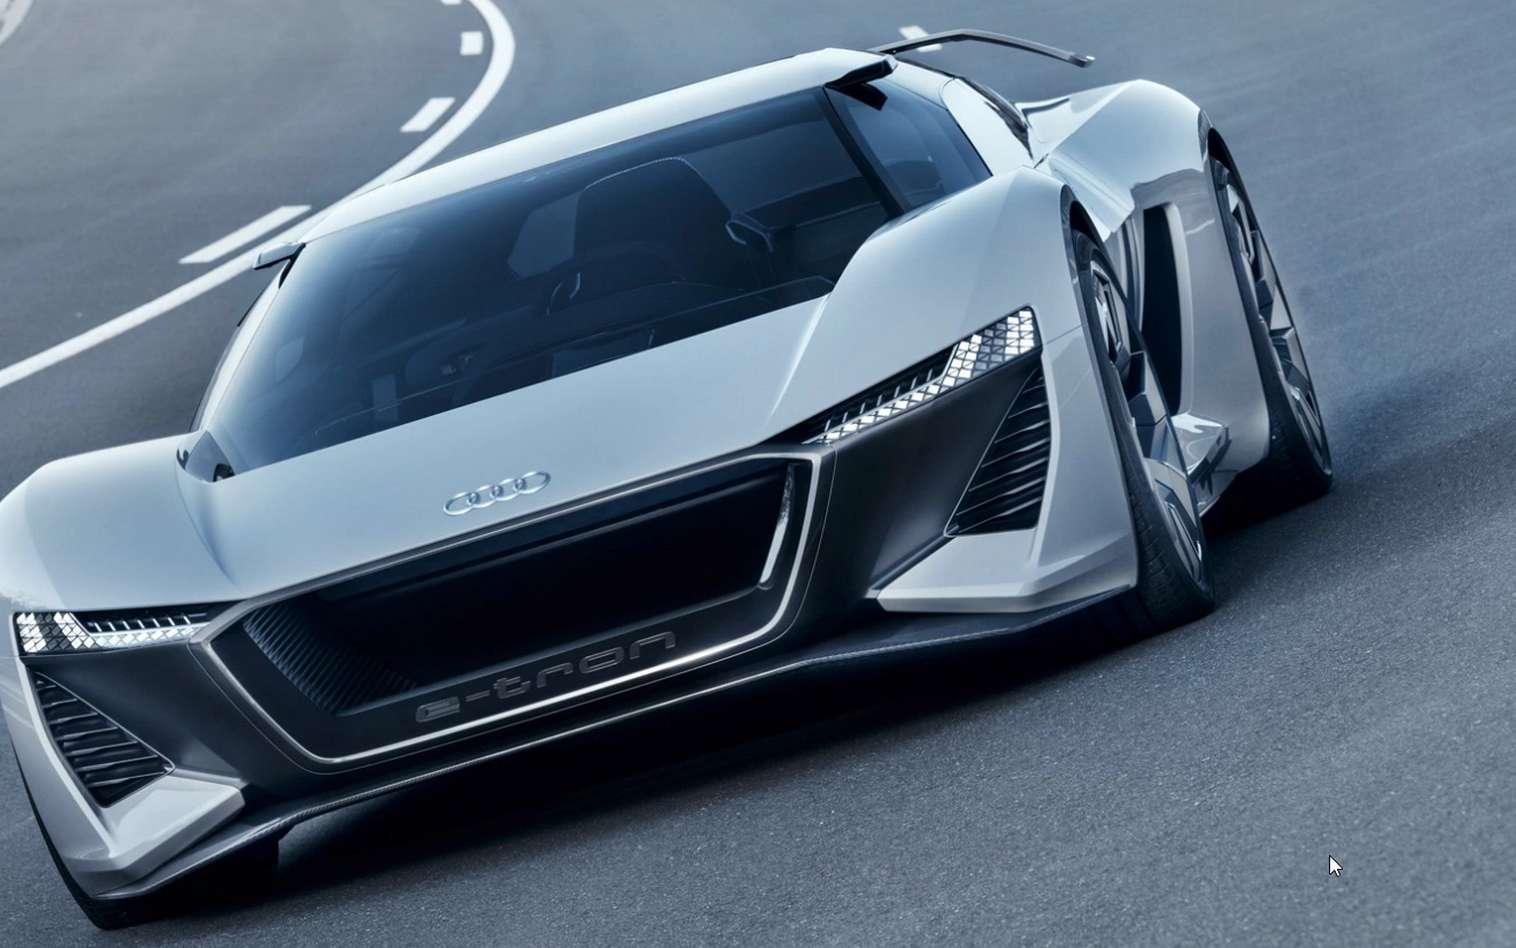 L'Audi AI: Race promet des sensations de conduite dignes d'une voiture de course. © Audi